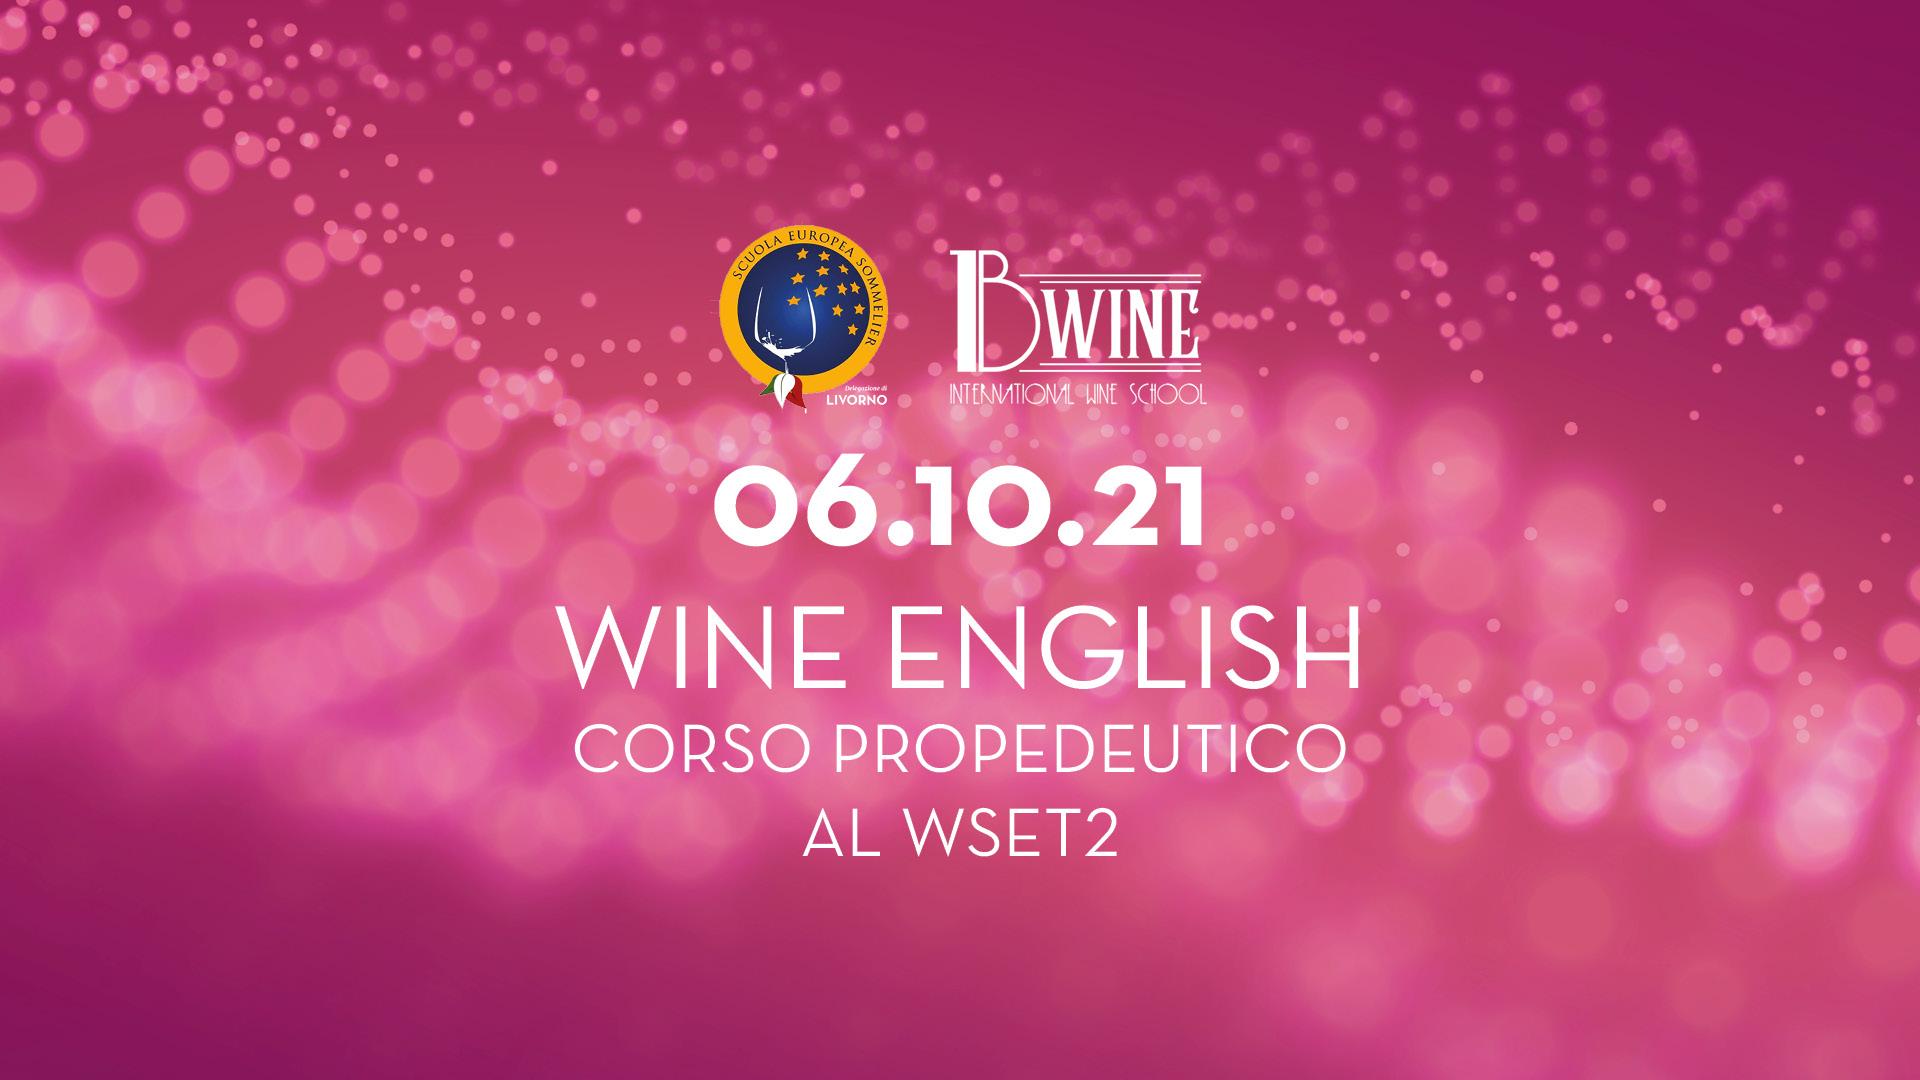 BWine corso Wine English